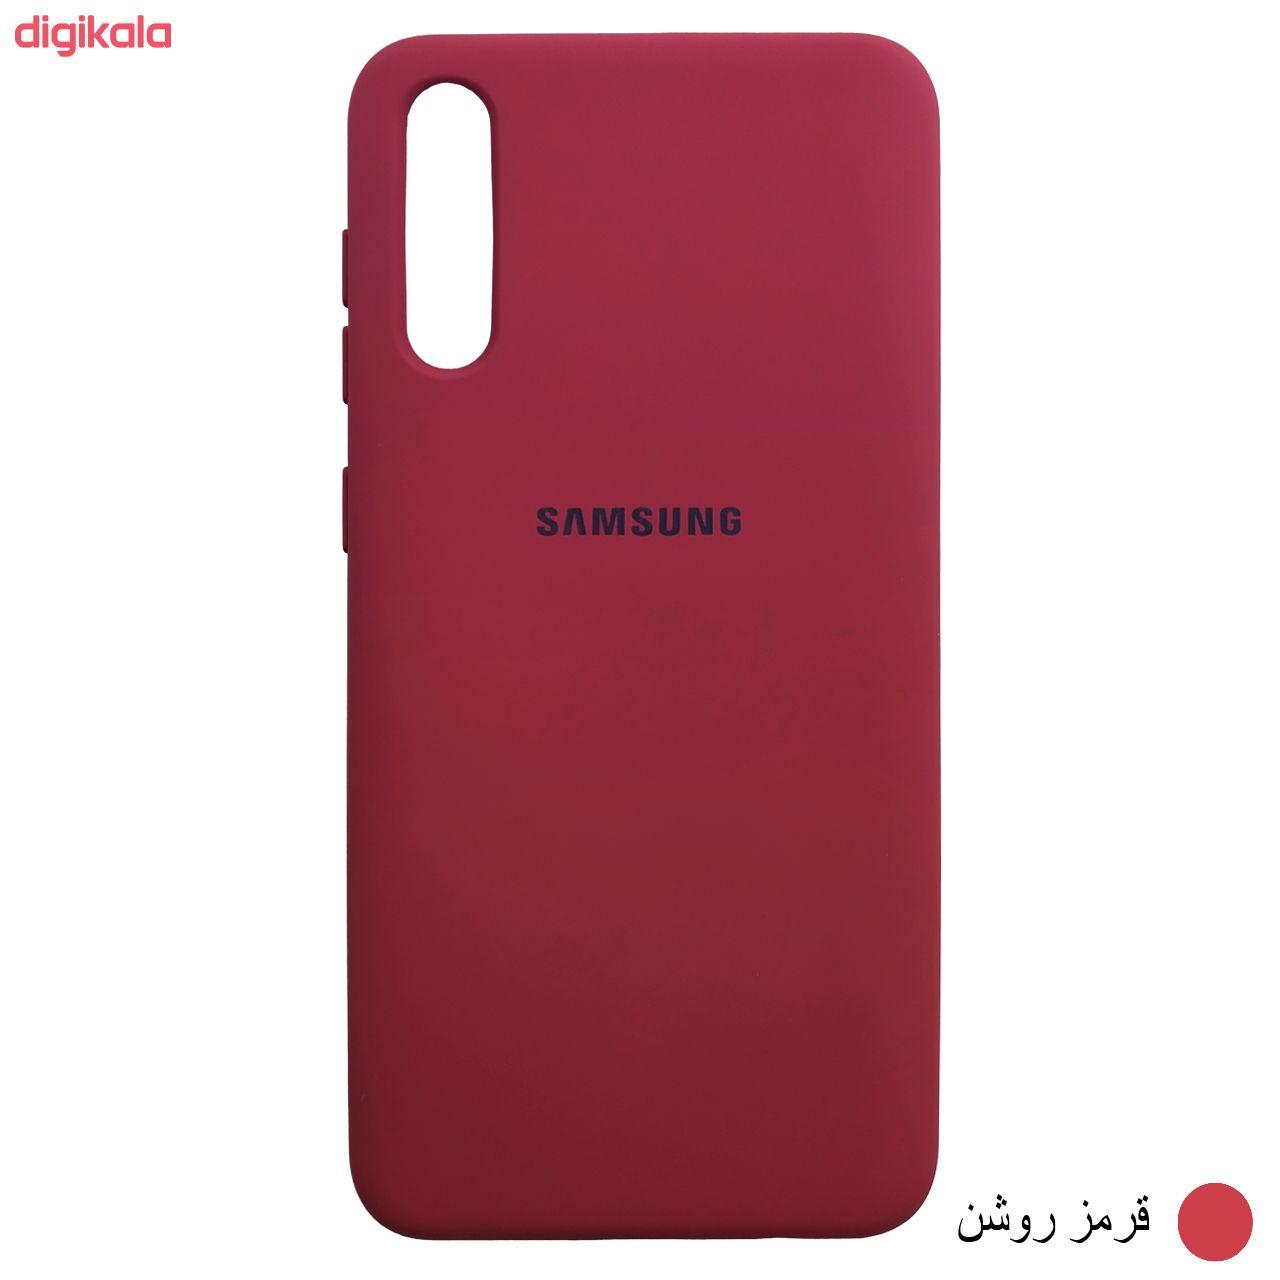 کاور مدل SCN مناسب برای گوشی موبایل سامسونگ Galaxy A50 / A50s / A30s main 1 12